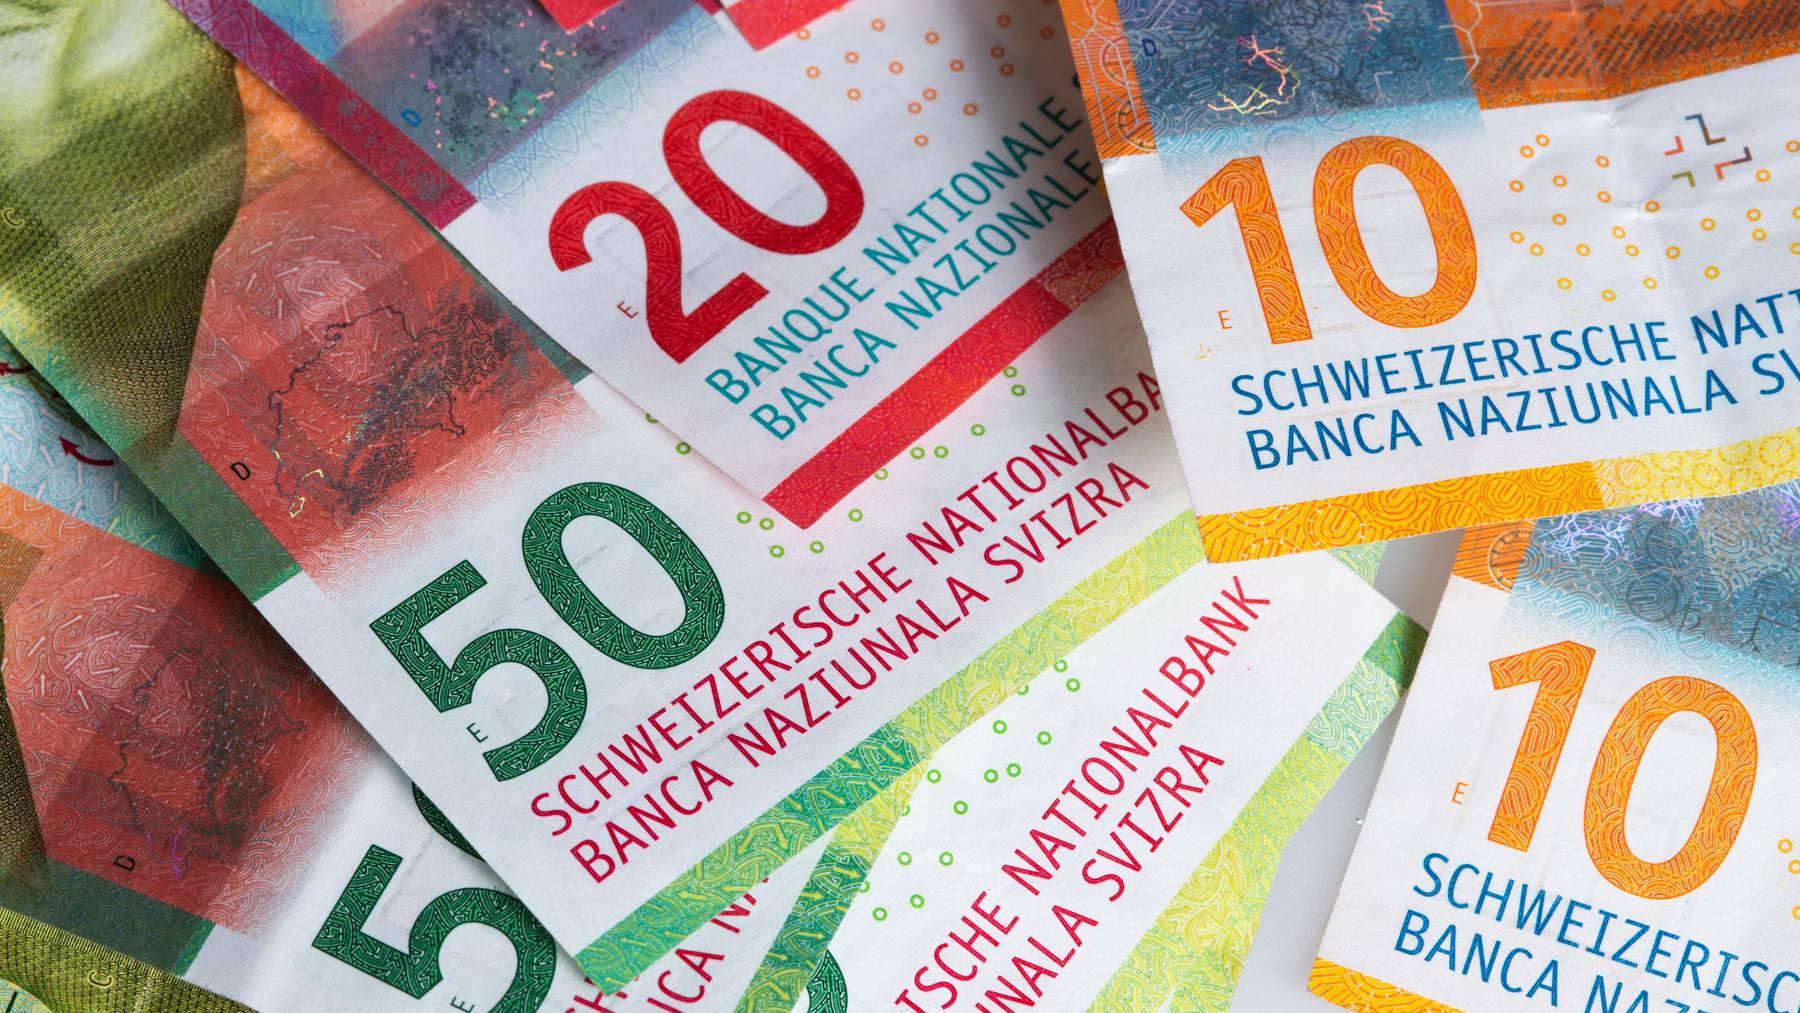 Ein Sparkonto bei einer Schweizer Bank lohnt sich in den meisten Fällen kaum. Laut einer neuen Auswertung lagen die Zinssätze im Schnitt bei 0,05 Prozent.